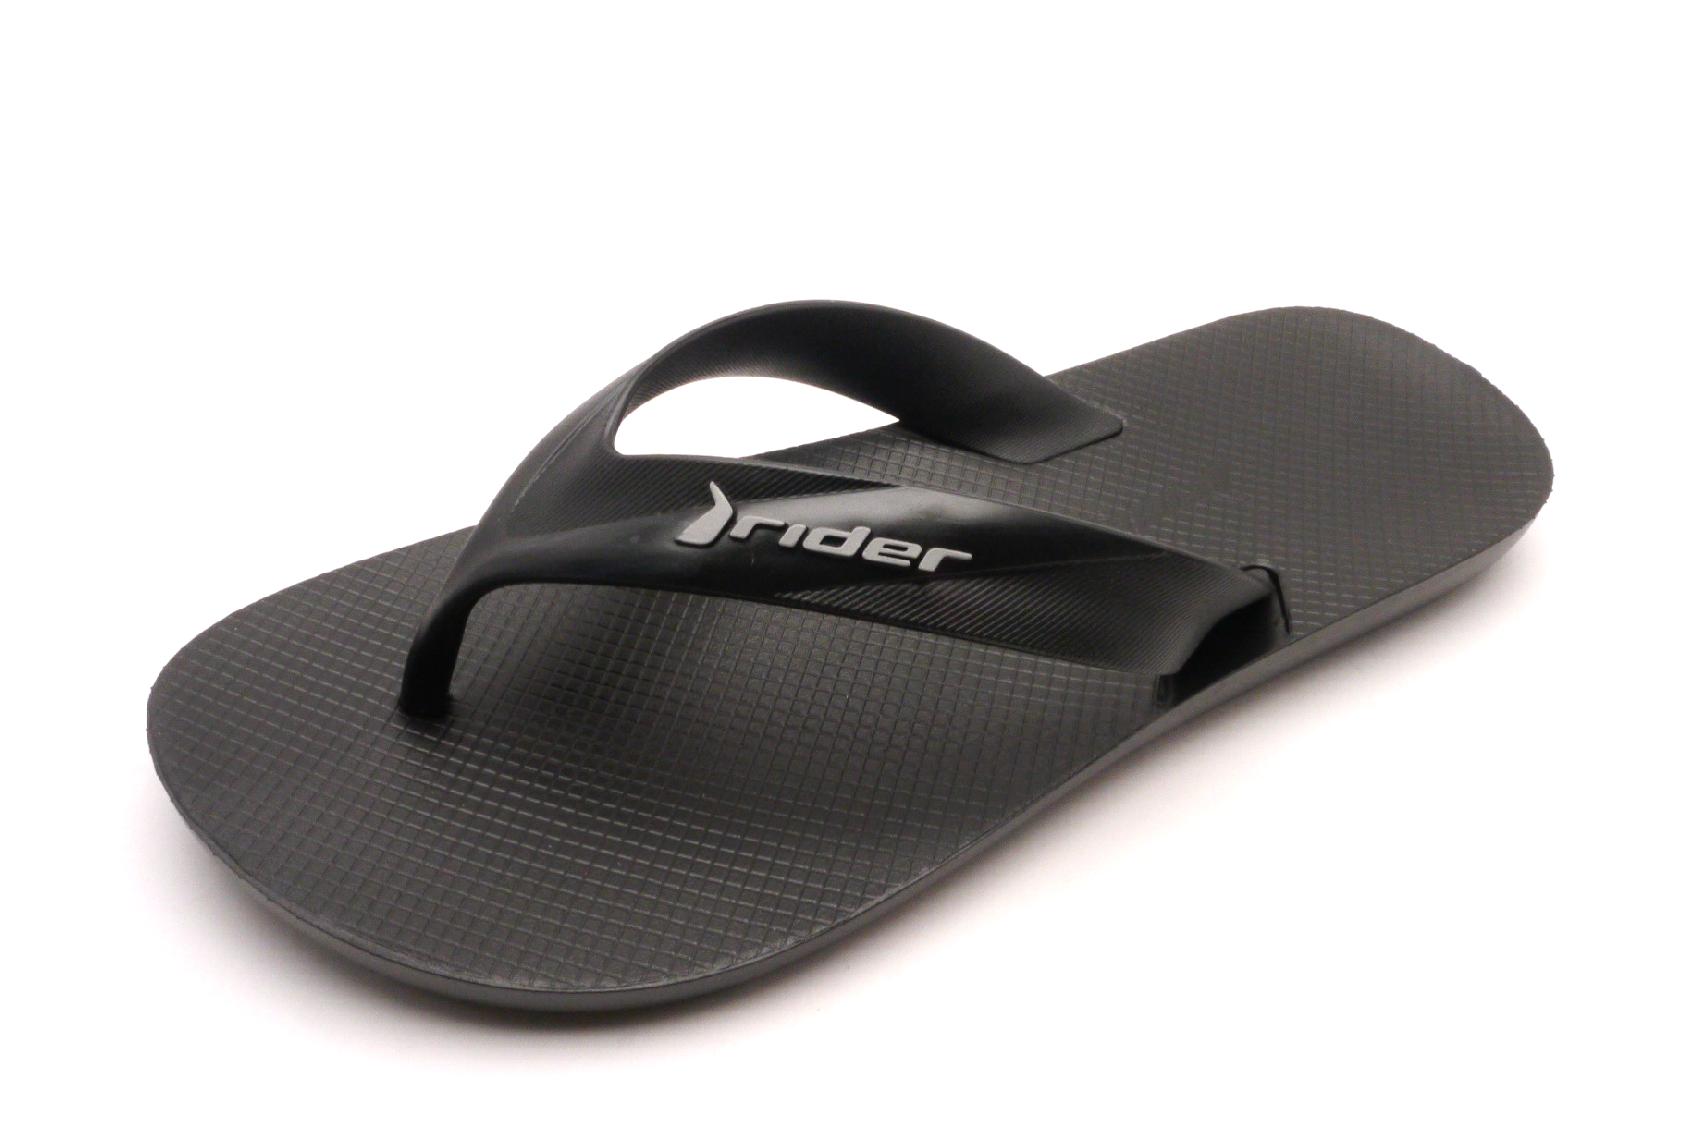 Pánské pantofle Rider 81666 Velikost: 45-46